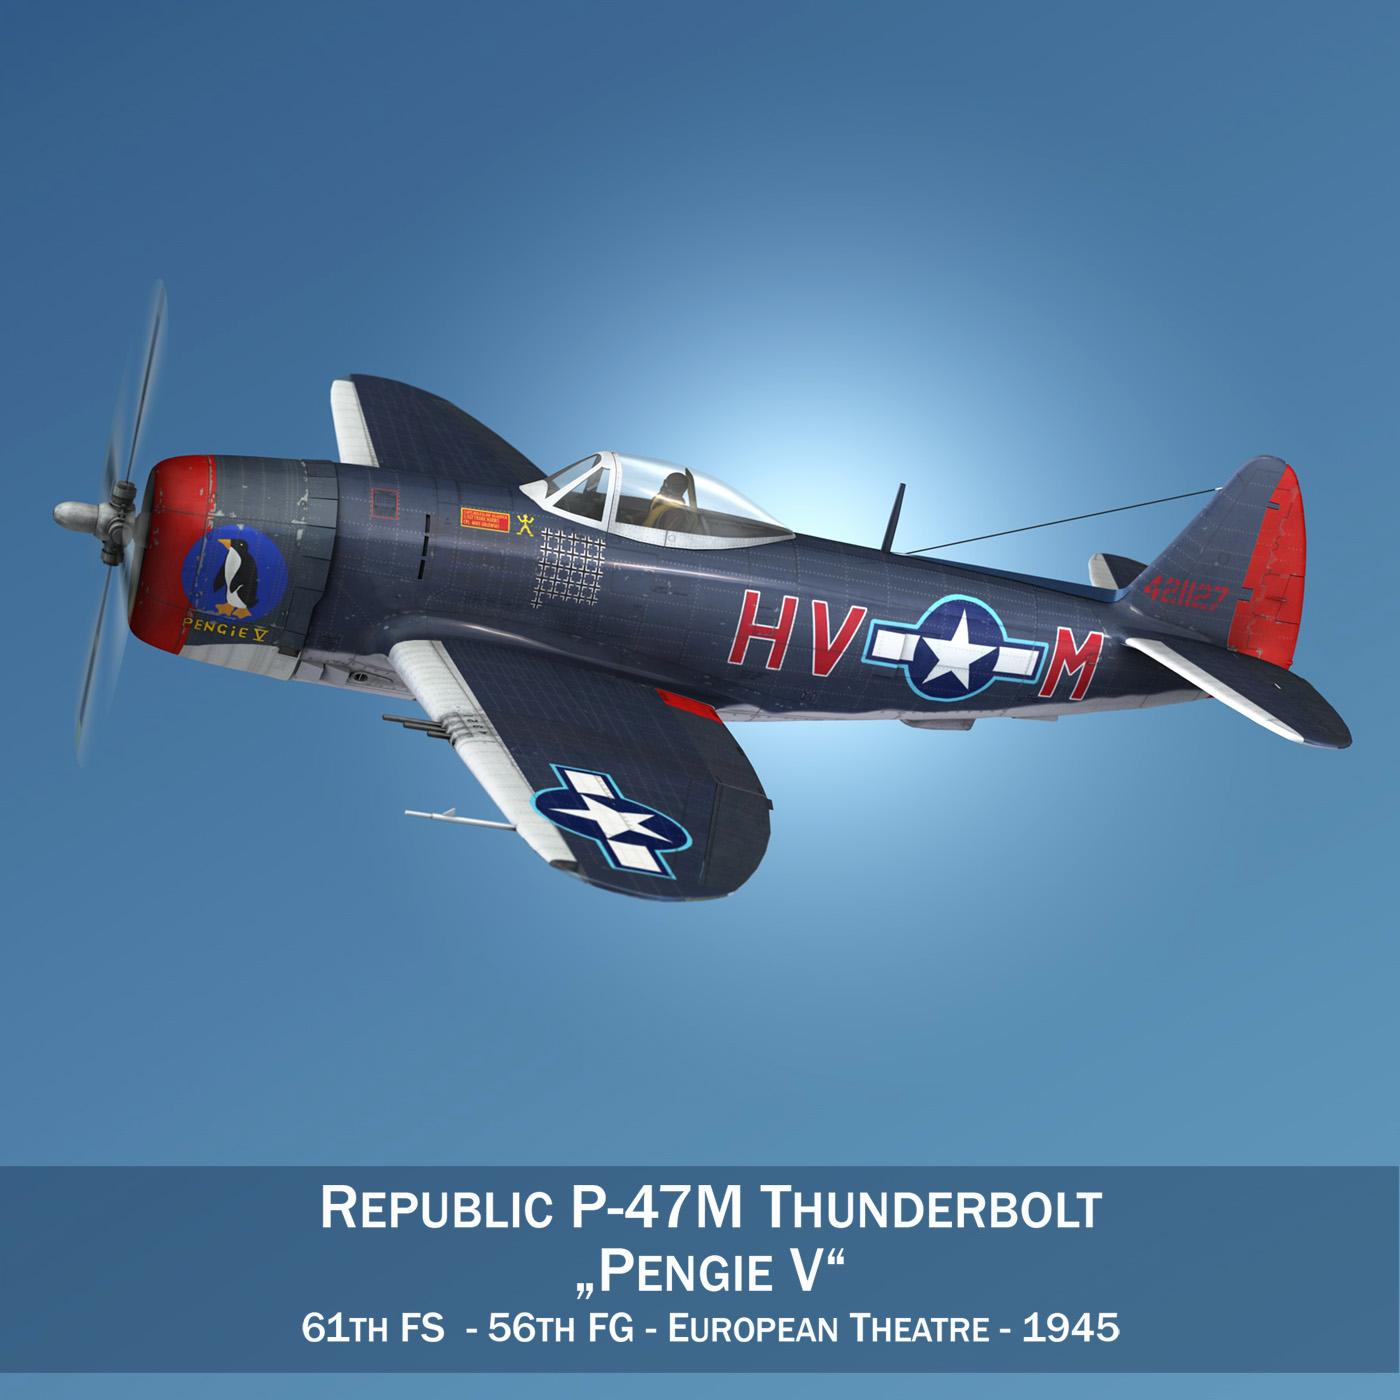 republika p-47m pērkons - pengie v 3d modelis 3ds c4d fbx lwo lws obj 279714